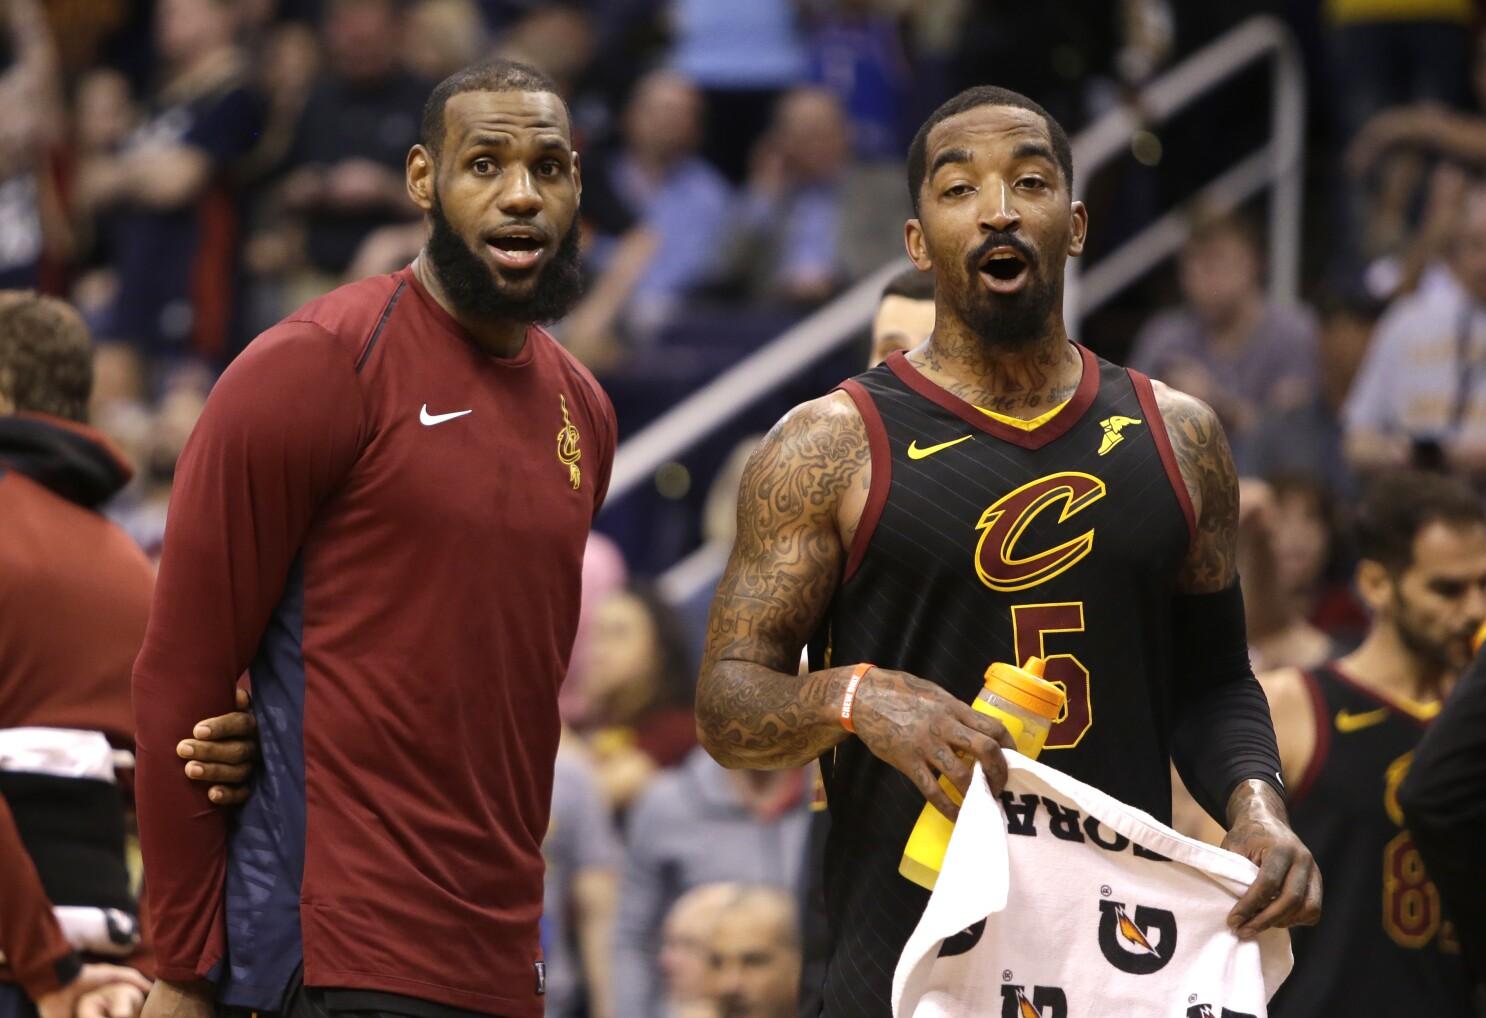 三分?防守?取代Bradley?想多了,湖人簽JR其實只有一個目的!-黑特籃球-NBA新聞影音圖片分享社區